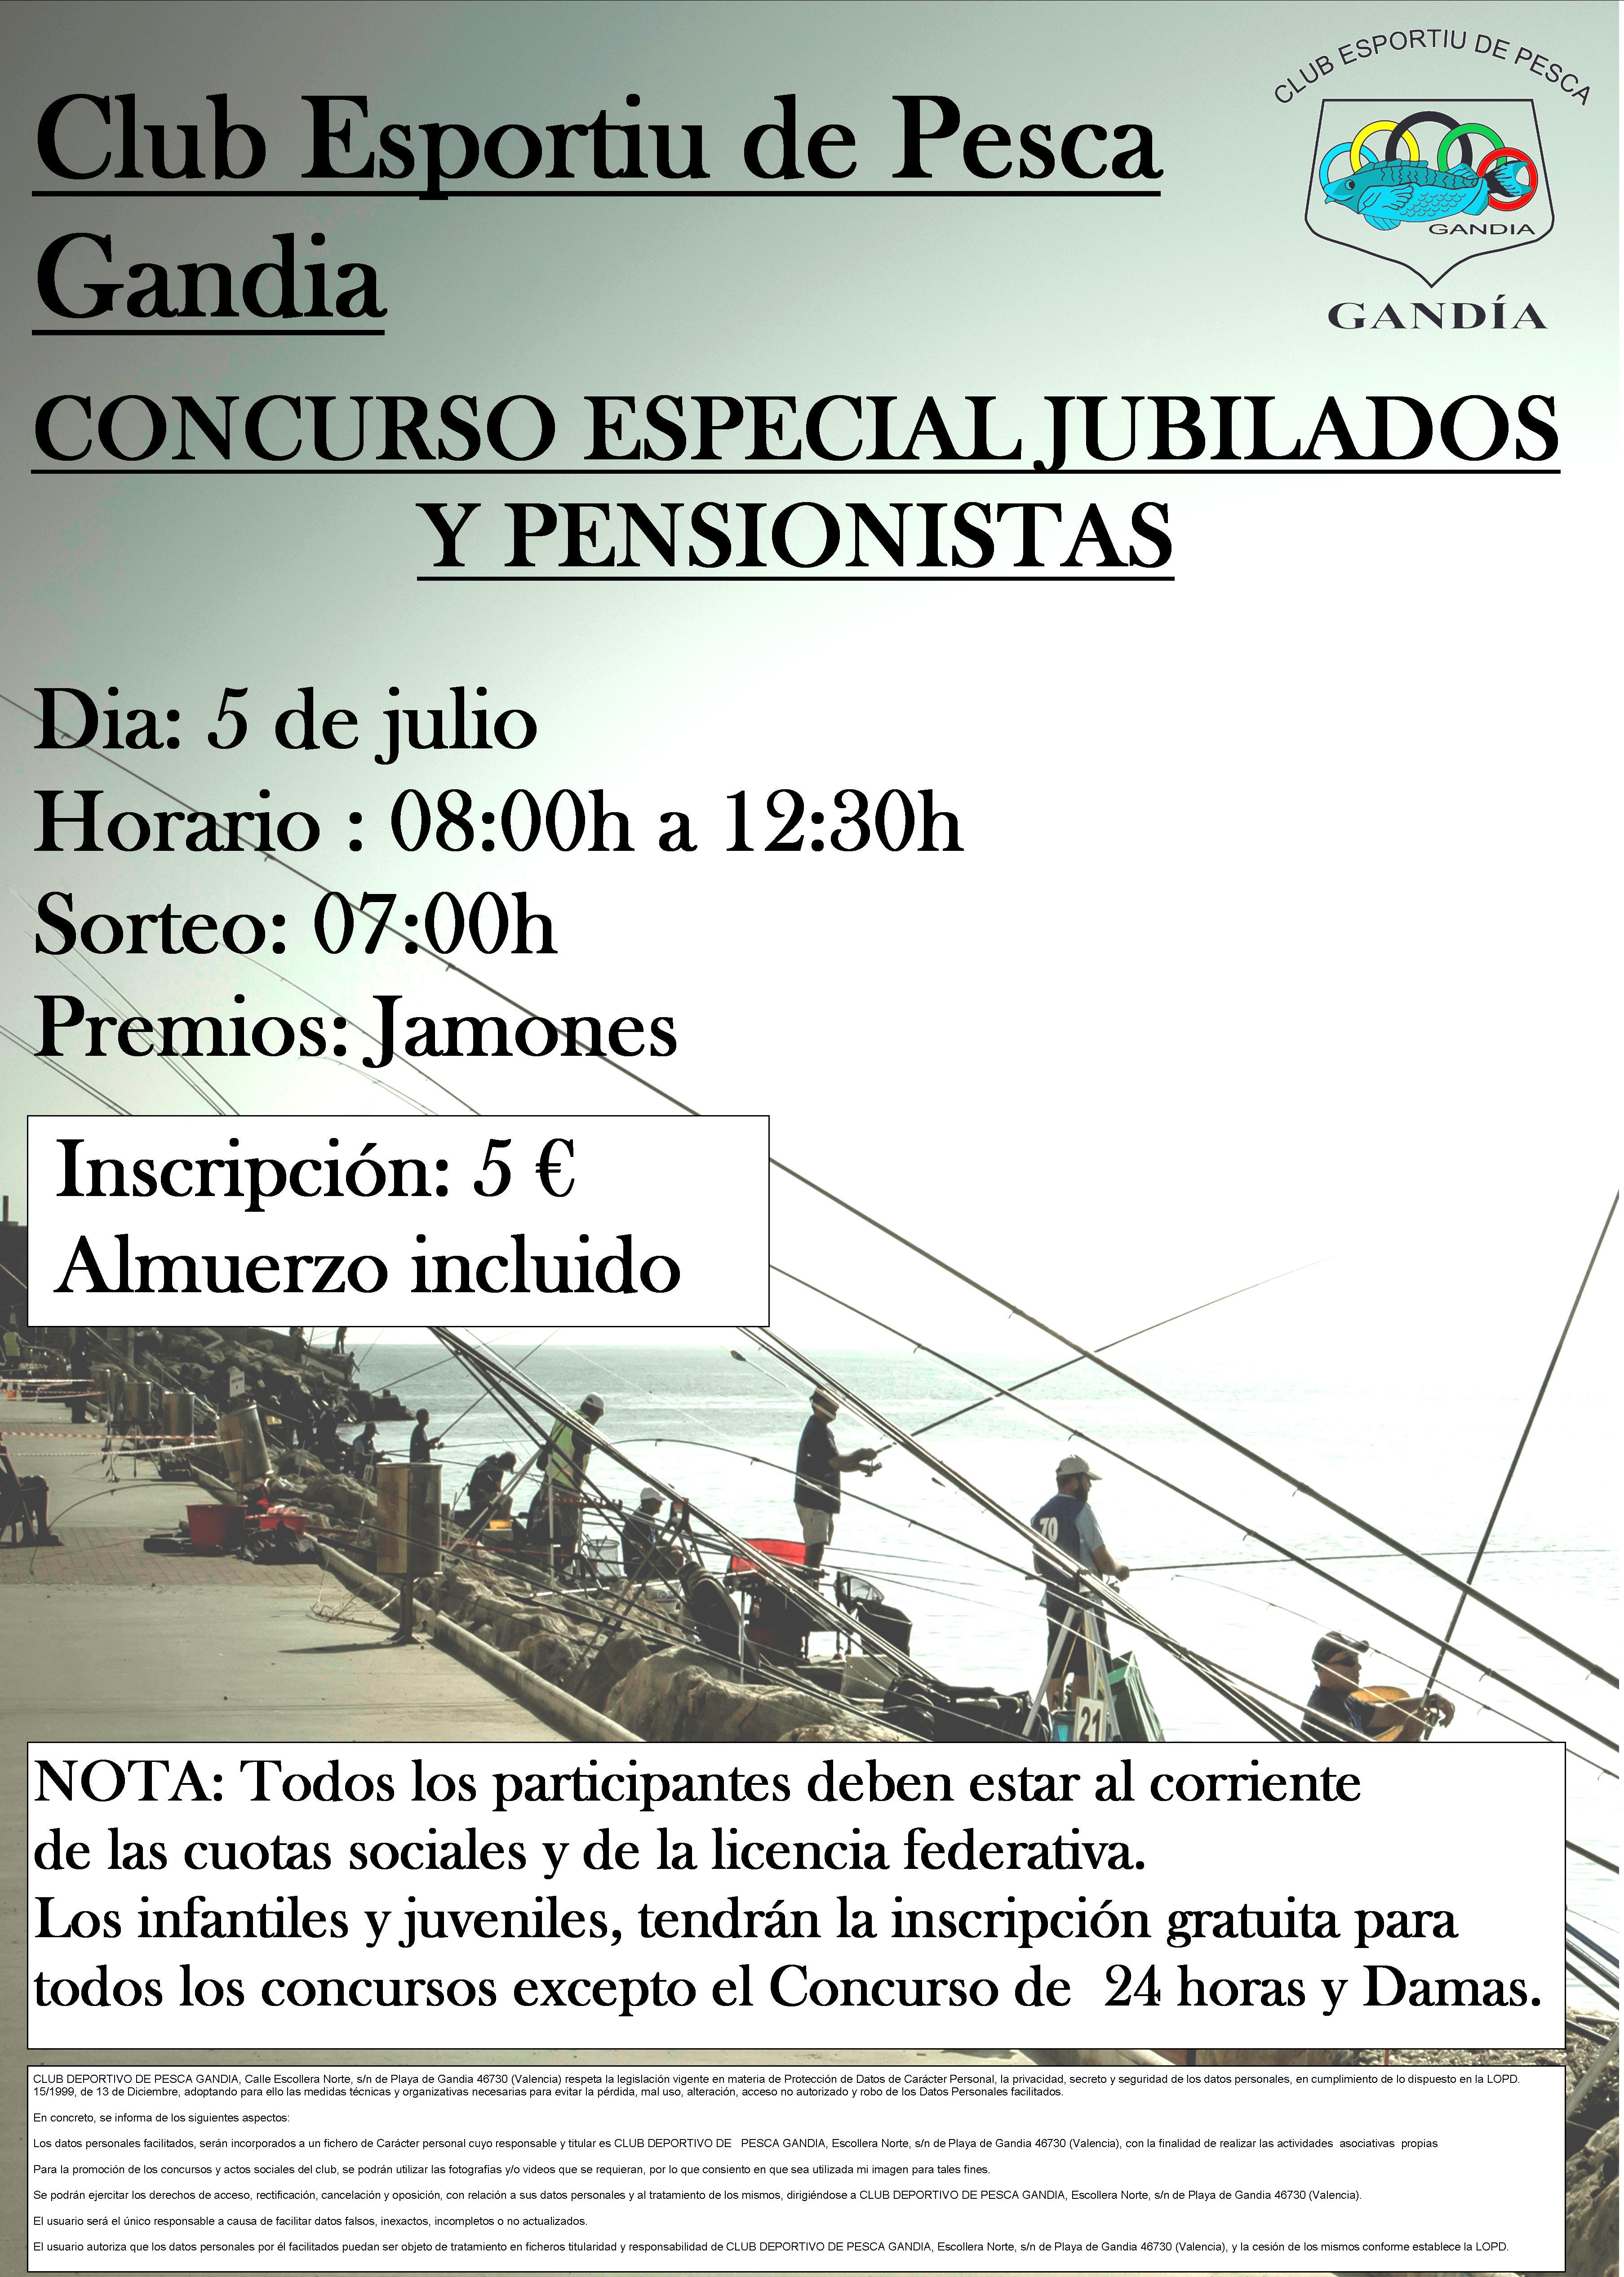 Concurso especial, Jubilados y Pensionistas - 5 de Julio